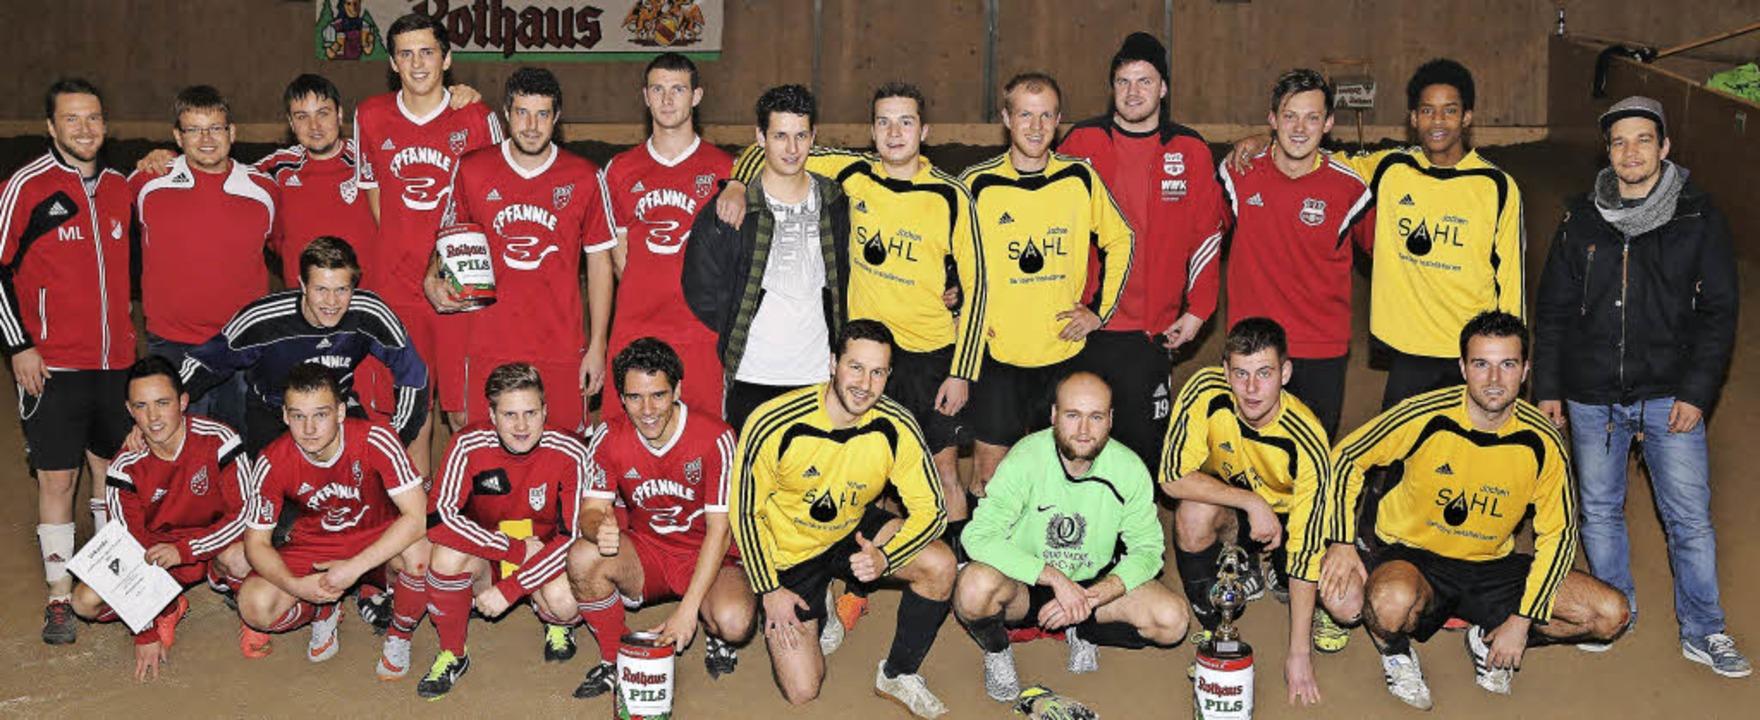 Die Siegermannschaft des SV Ebnet  (ge...chts: Nico Faller. Heinrich Fehrenbach    Foto: Heinrich Fehrenbach